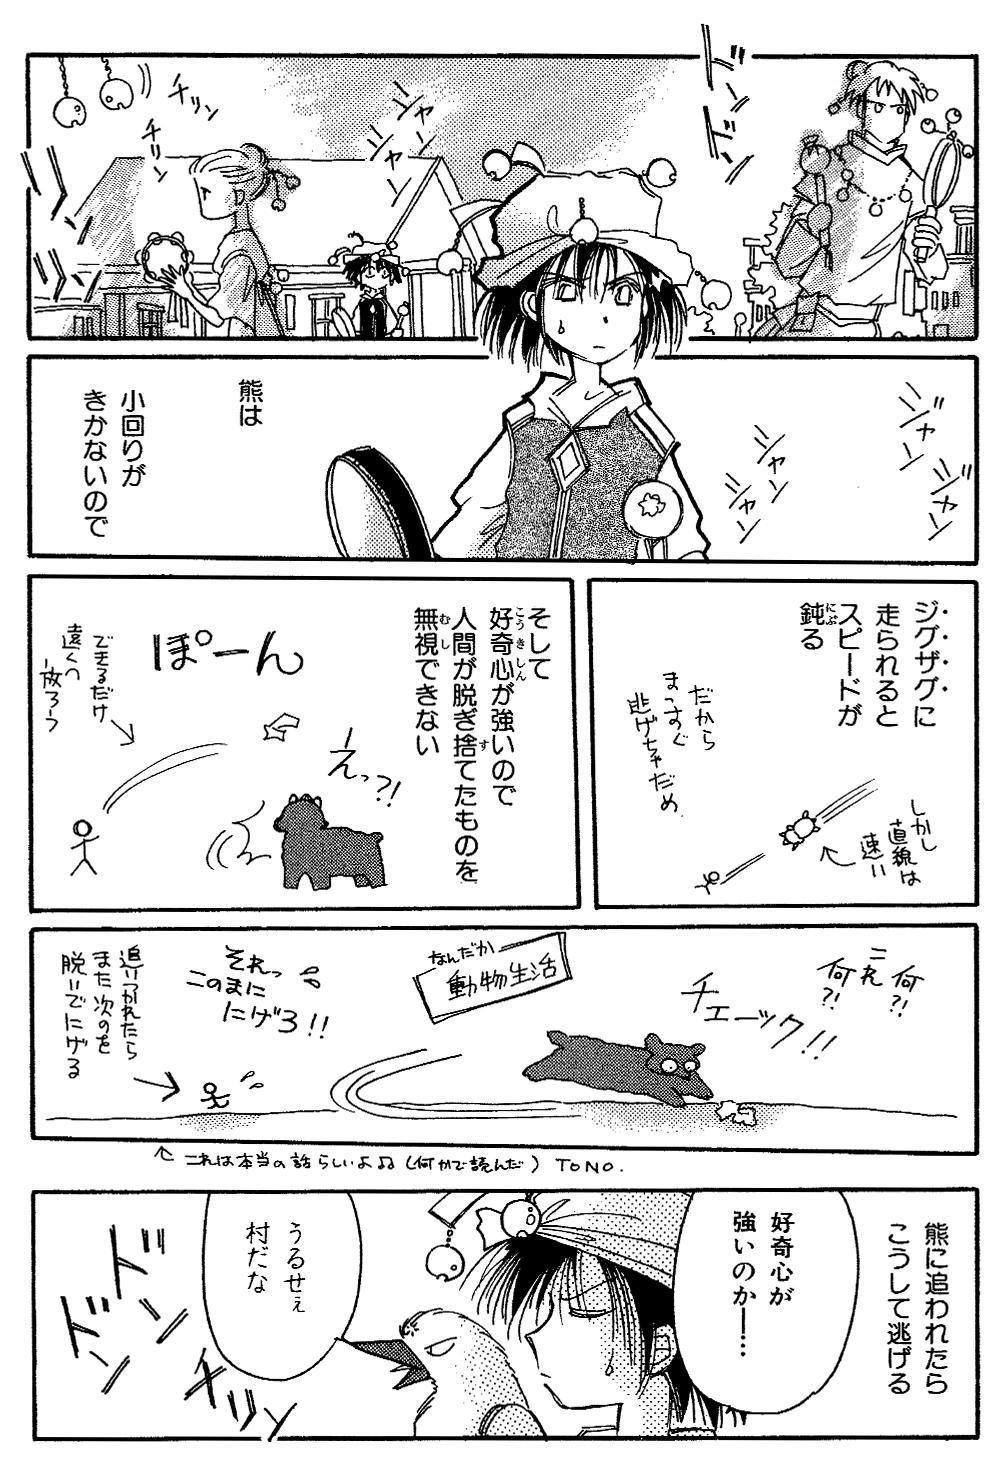 チキタ★GUGU 第3話chikitagg05-04.jpg